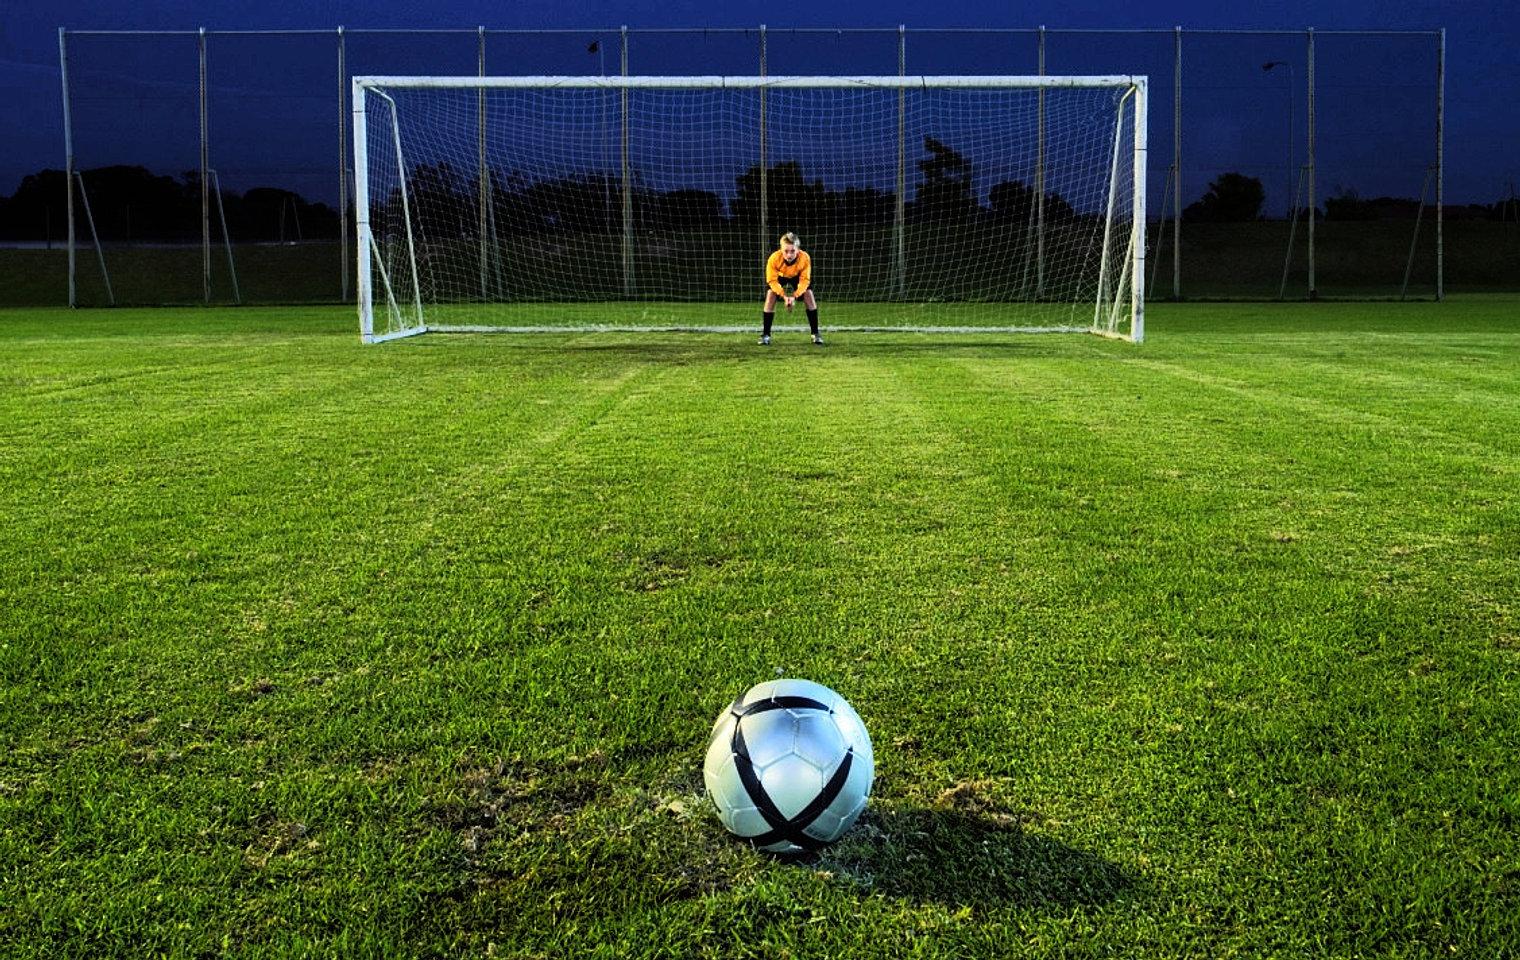 можете купить порядок пробития пенальти в футболе состоит кадастровом учете